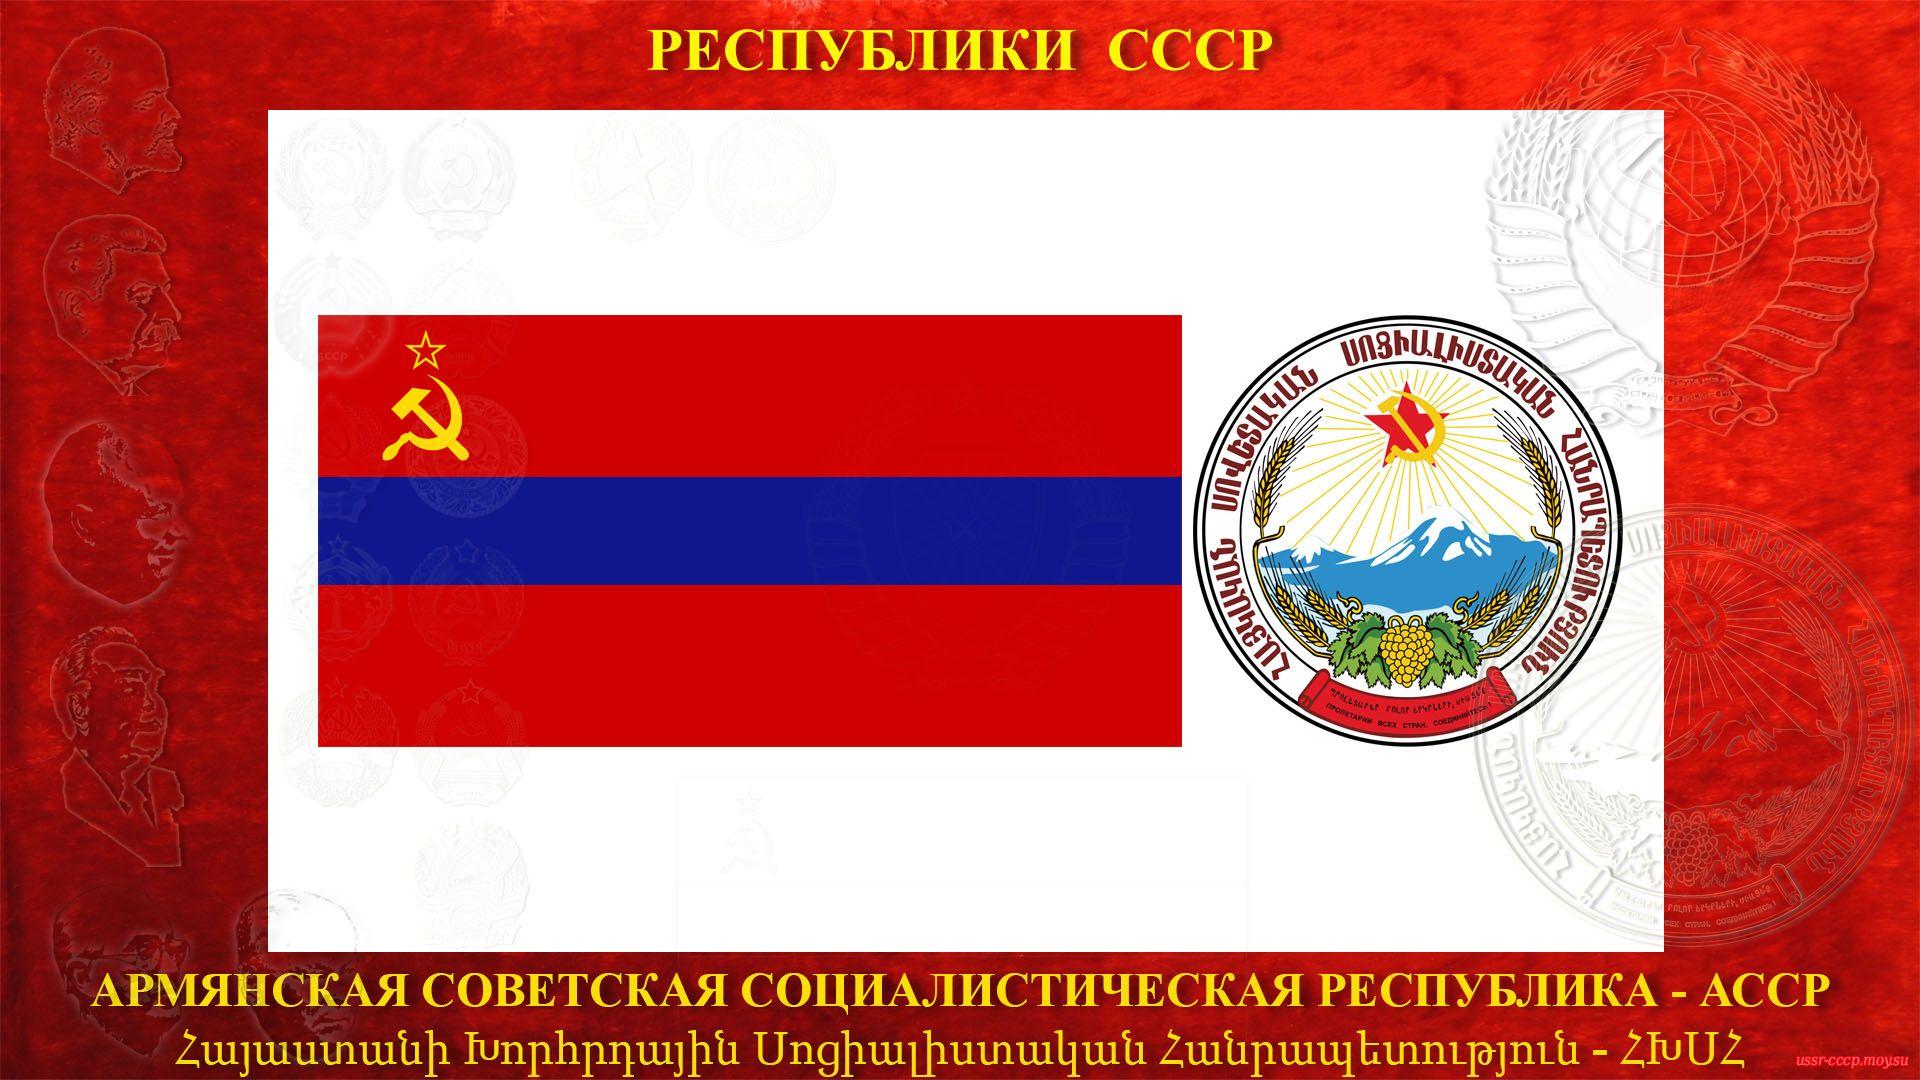 АССР — Армянская Советская Социалистическая Республика (05.12.1936 — де-юре)